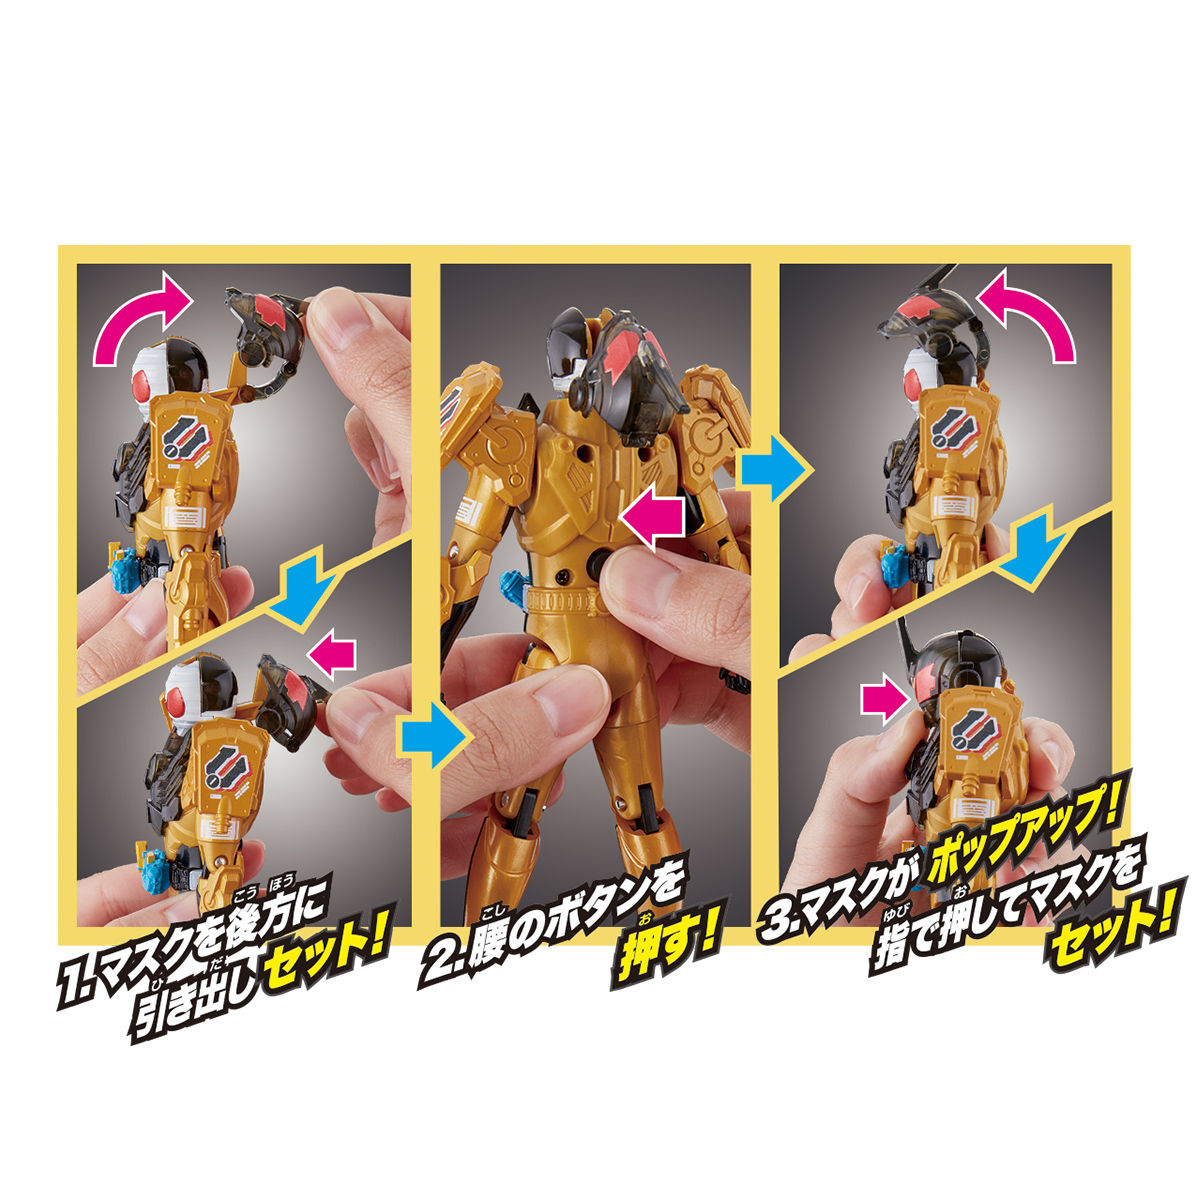 ボトルチェンジライダーシリーズ 10仮面ライダーグリス